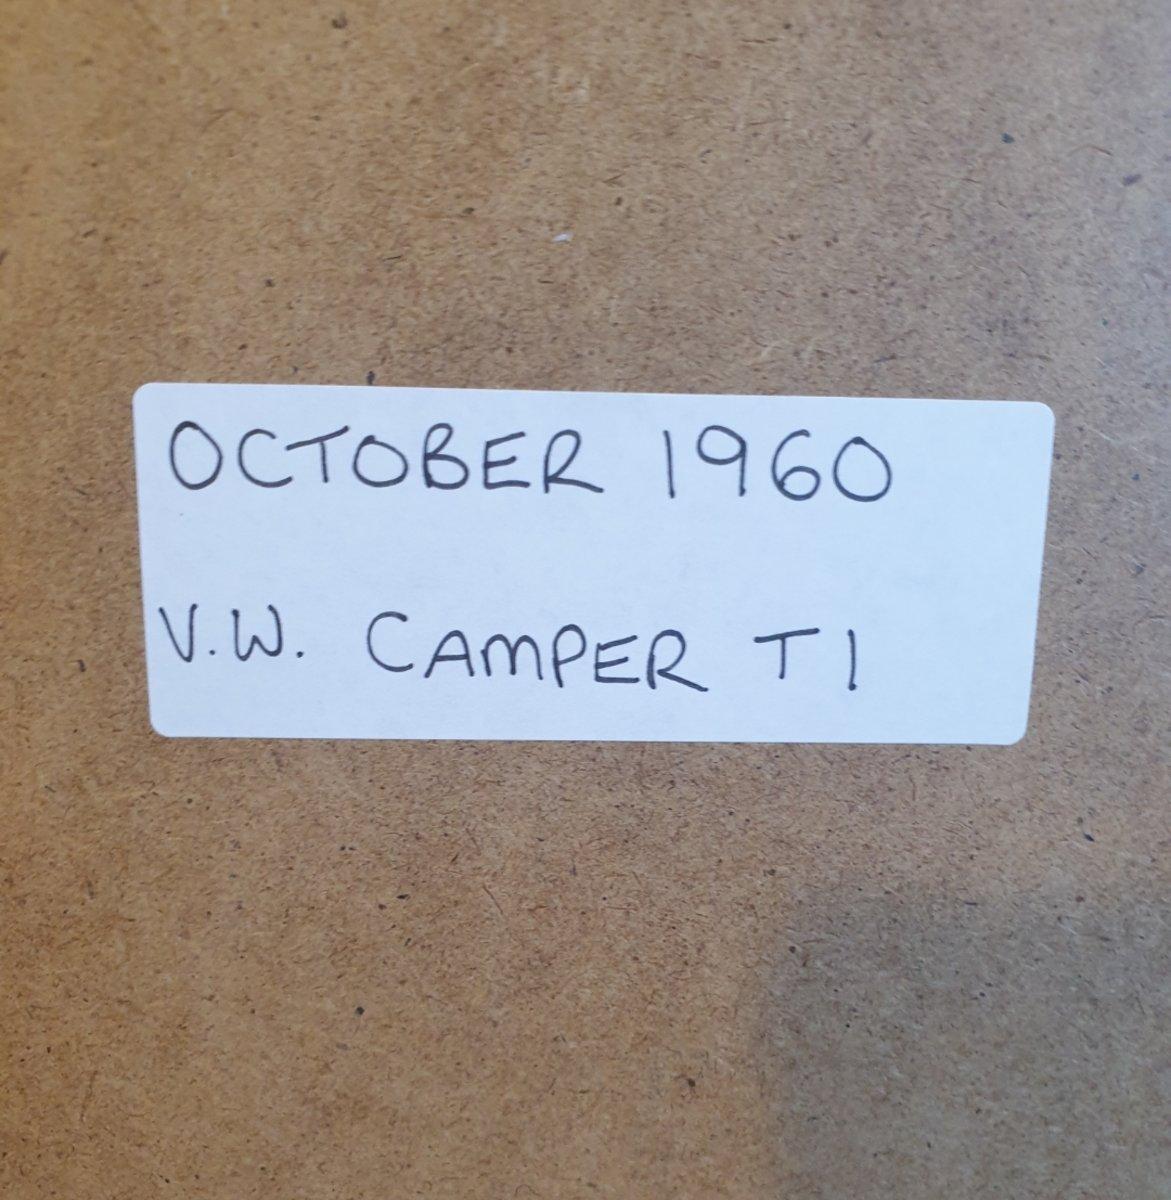 1980 Original 1960 VW Camper Framed Advert For Sale (picture 2 of 3)